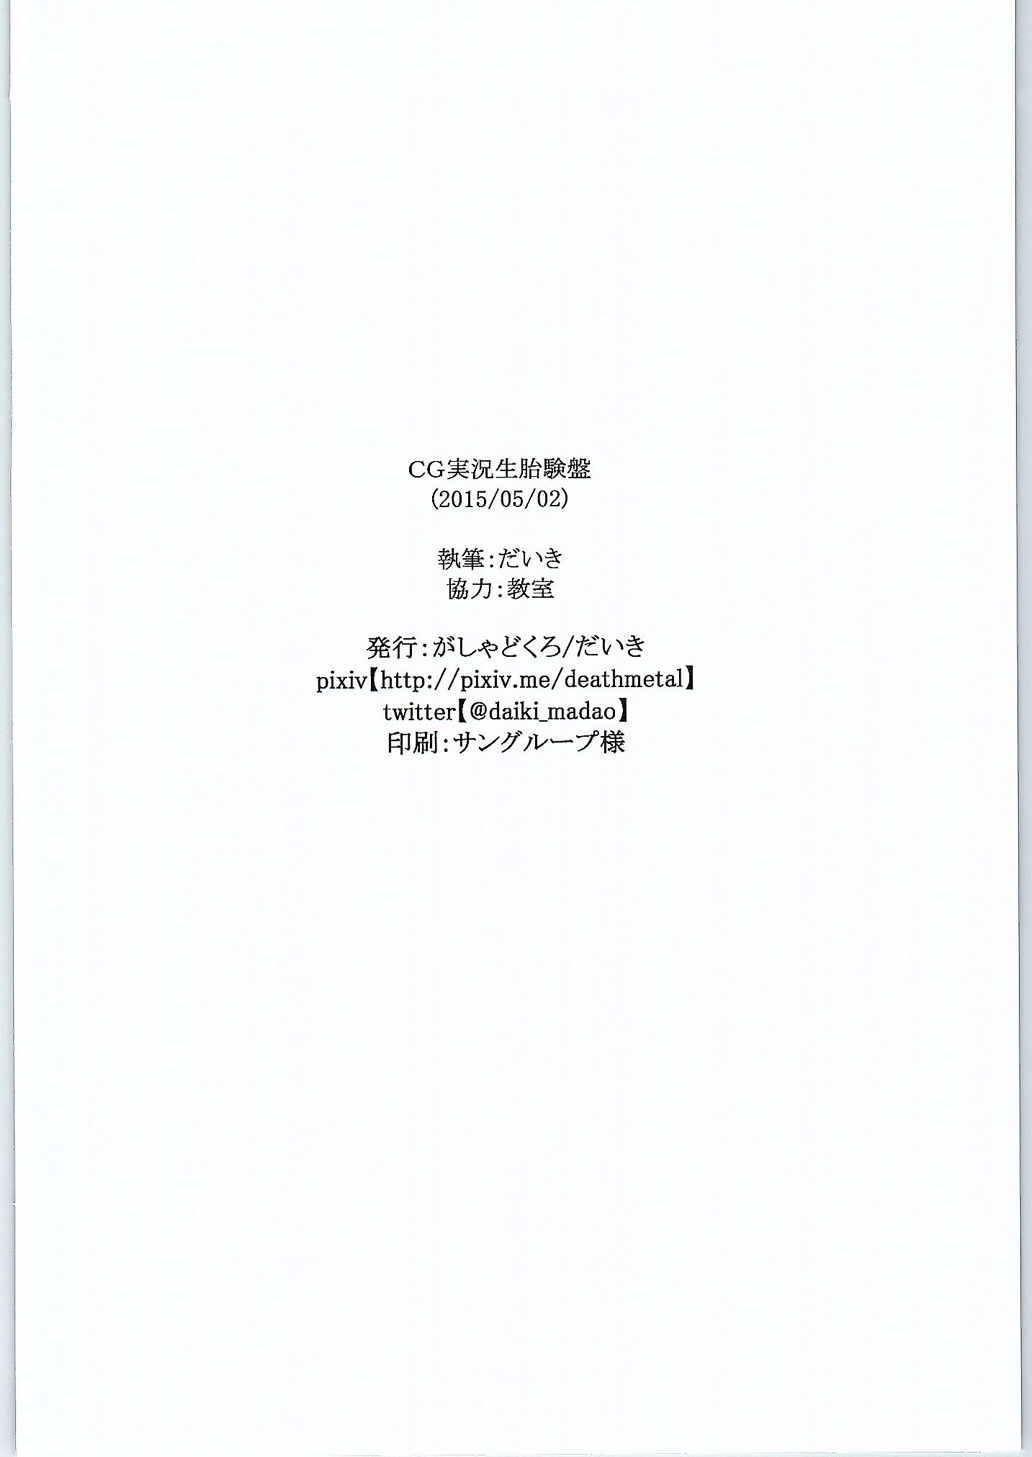 CG Jikkyou Shoutai Kenban 25